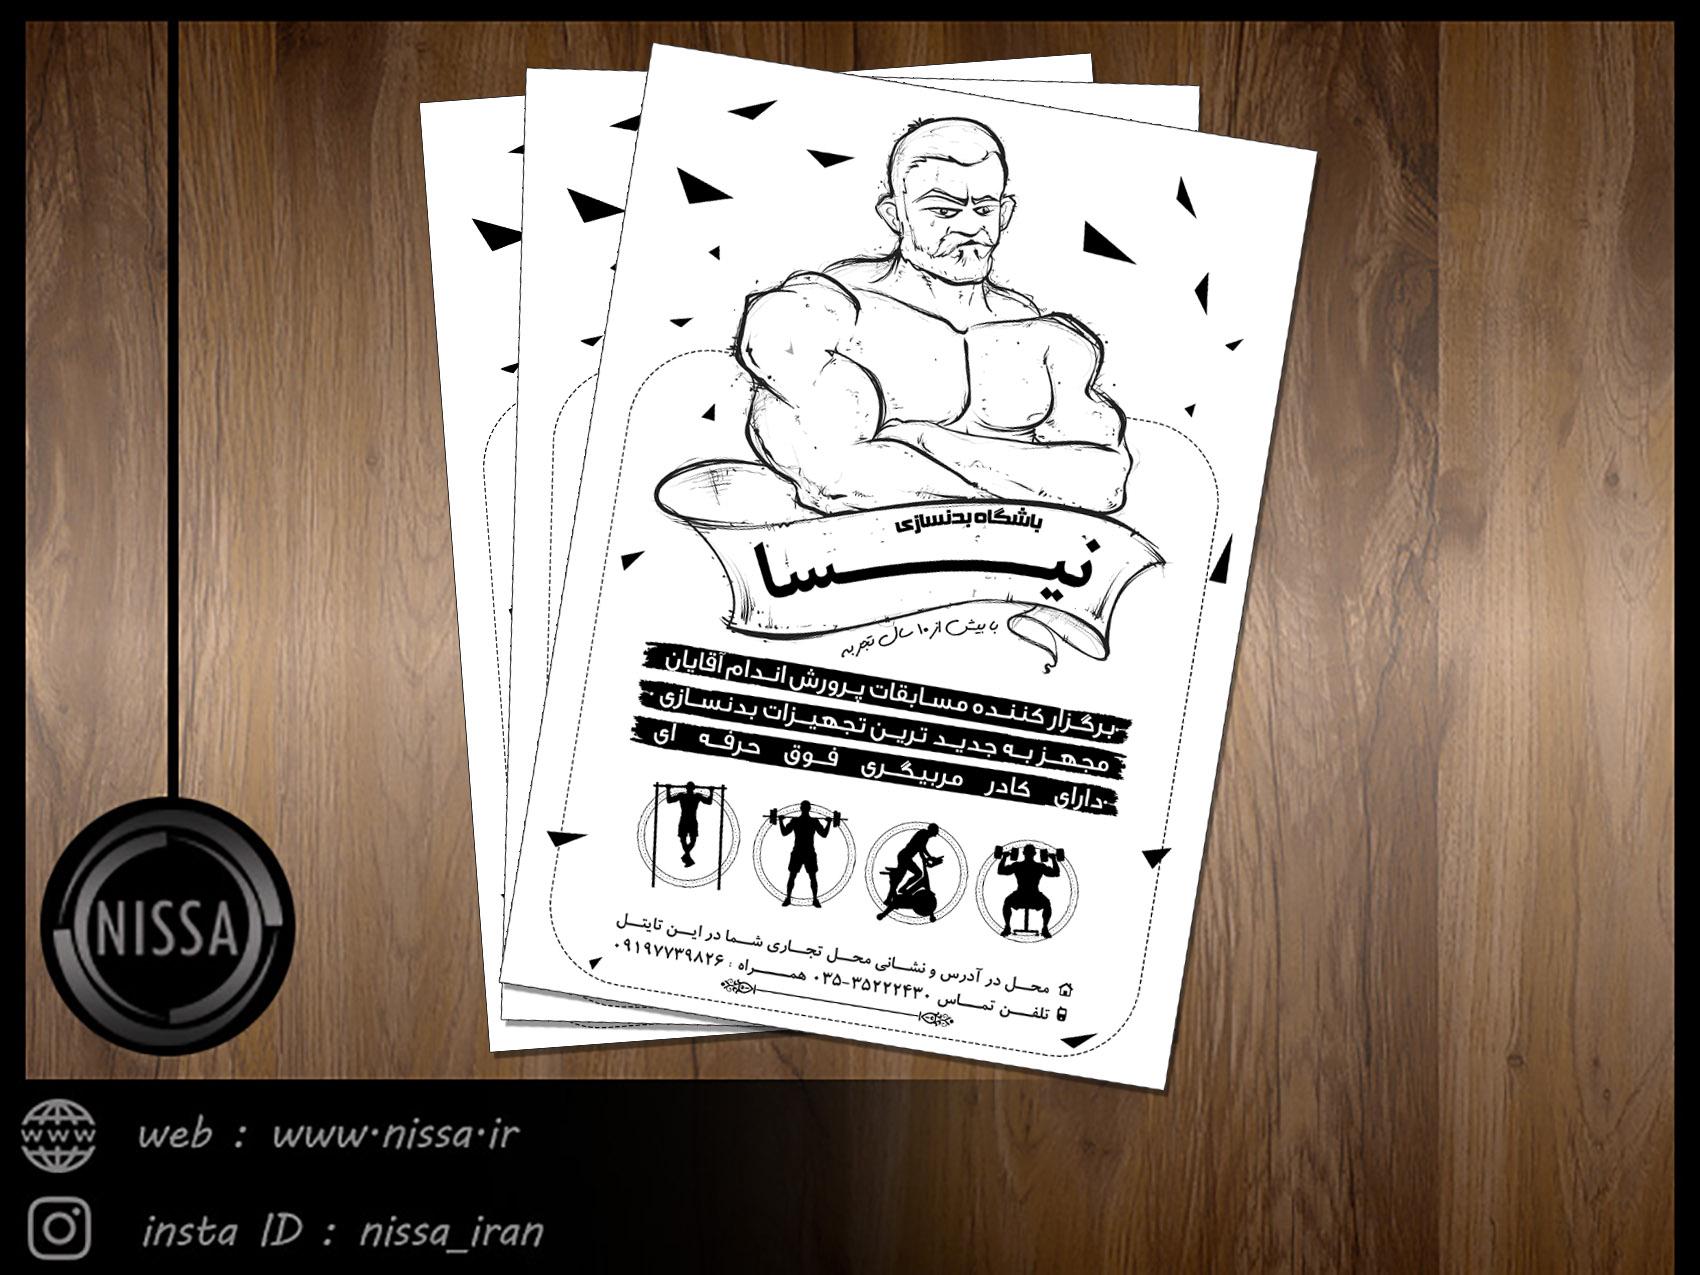 دانلود رایگان طرح  لایه باز تراکت سیاه سفید تبلیغاتی برای باشگاه های پرورش اندام